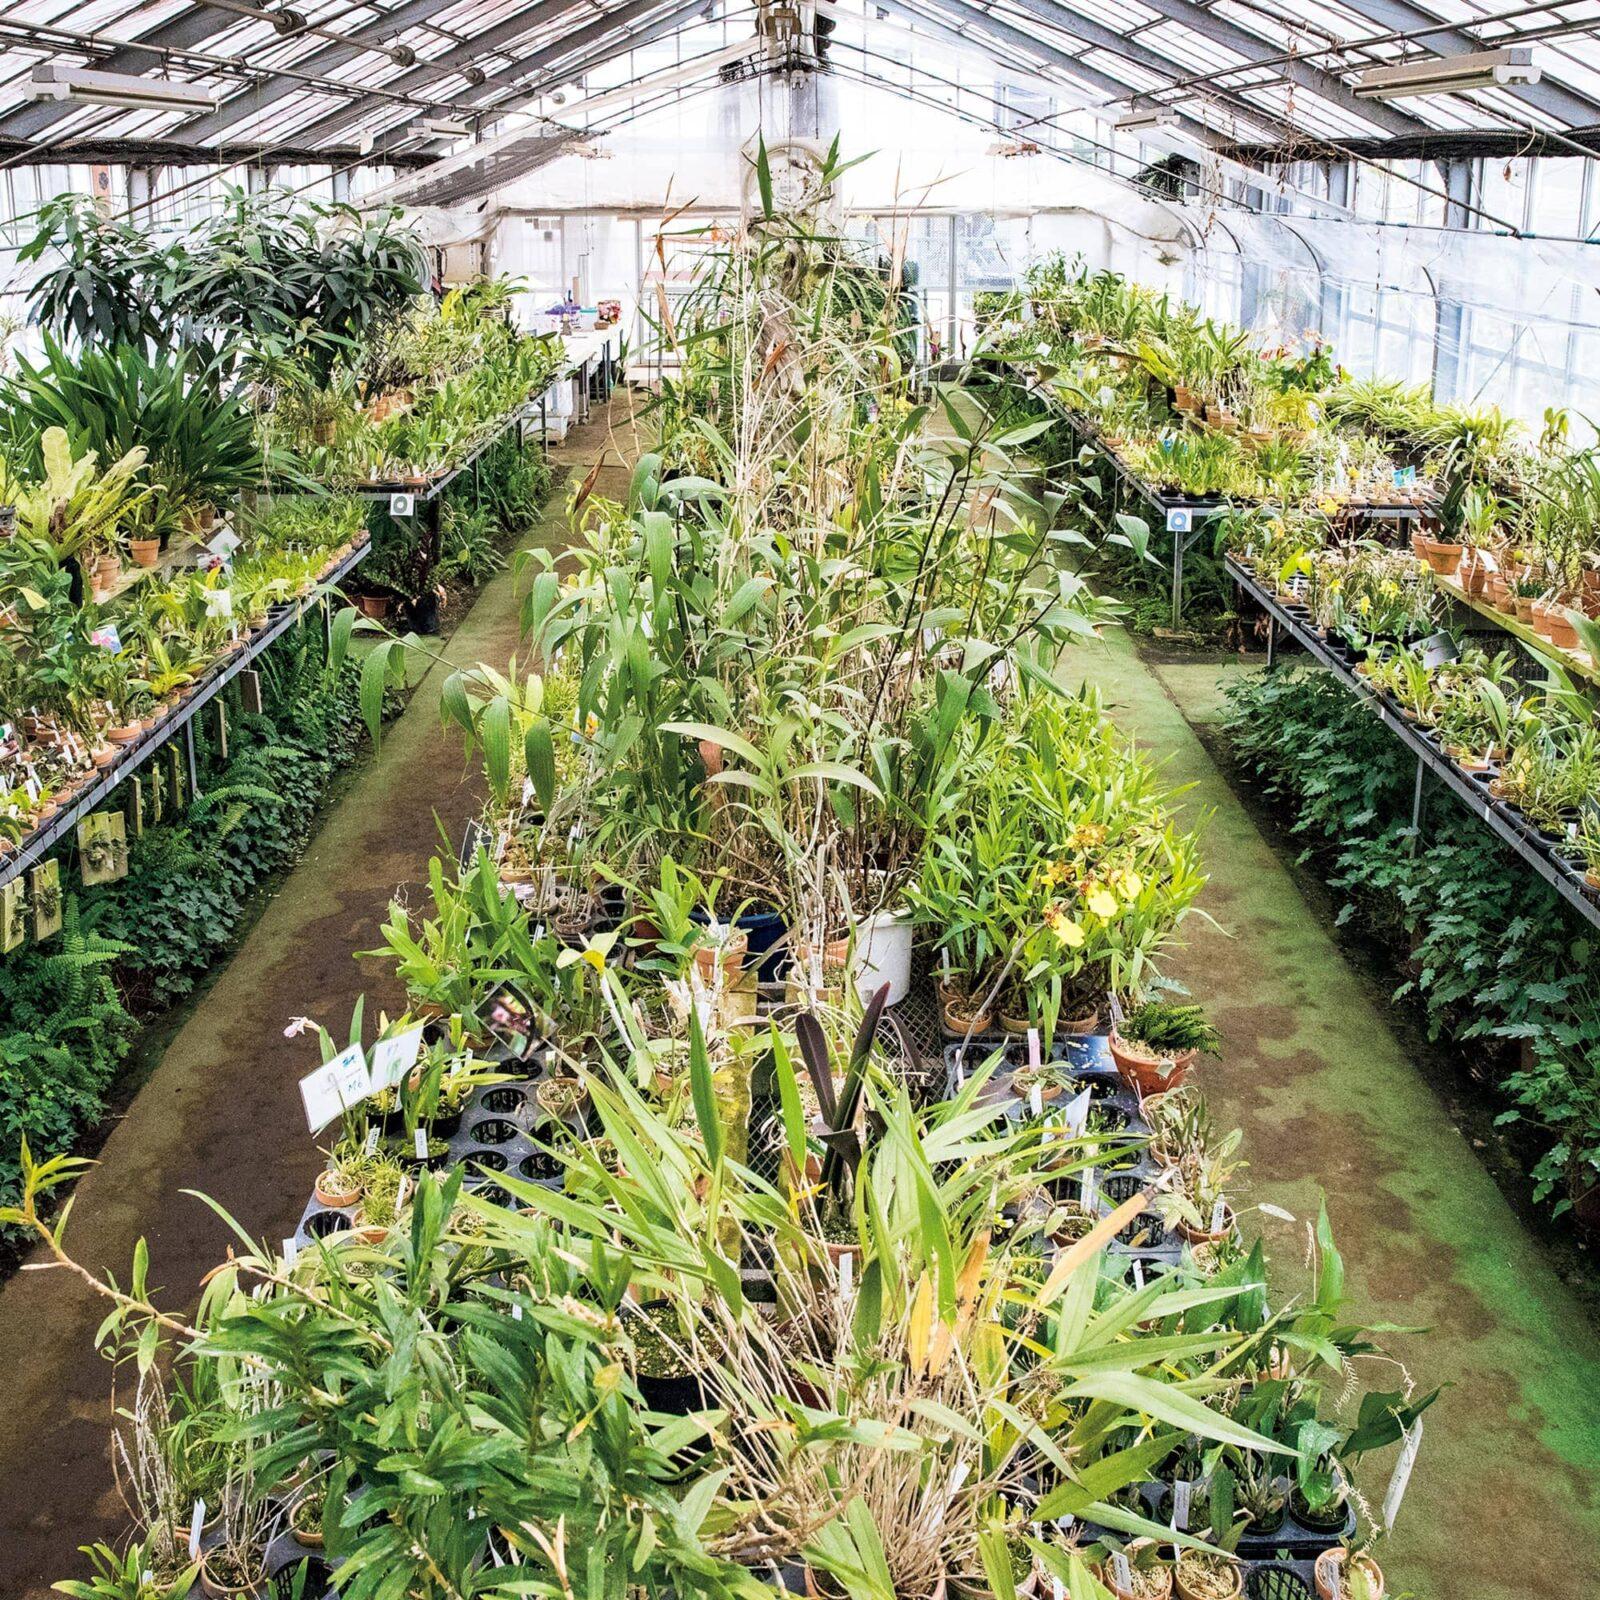 ハウス内には蘭を中心に、ティランジアや多肉植物が並ぶ。